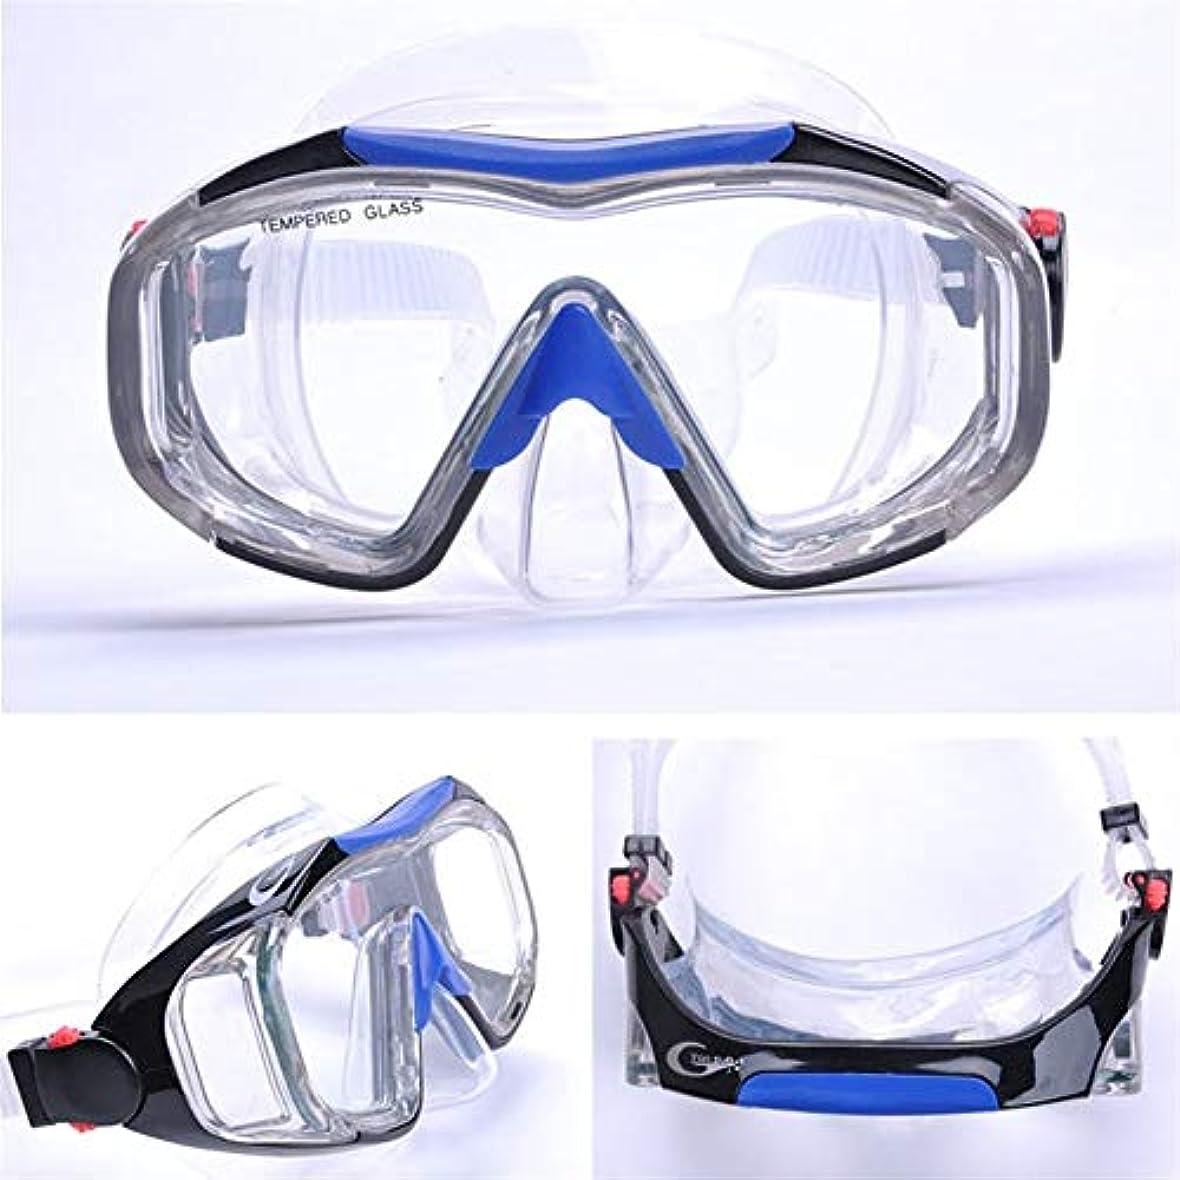 衝突する海港傘ダイビング水泳マスクセット4レンズワイドフィールドゴーグルを搭載した防曇水中シュノーケリングマスク g5y9k2i3rw1